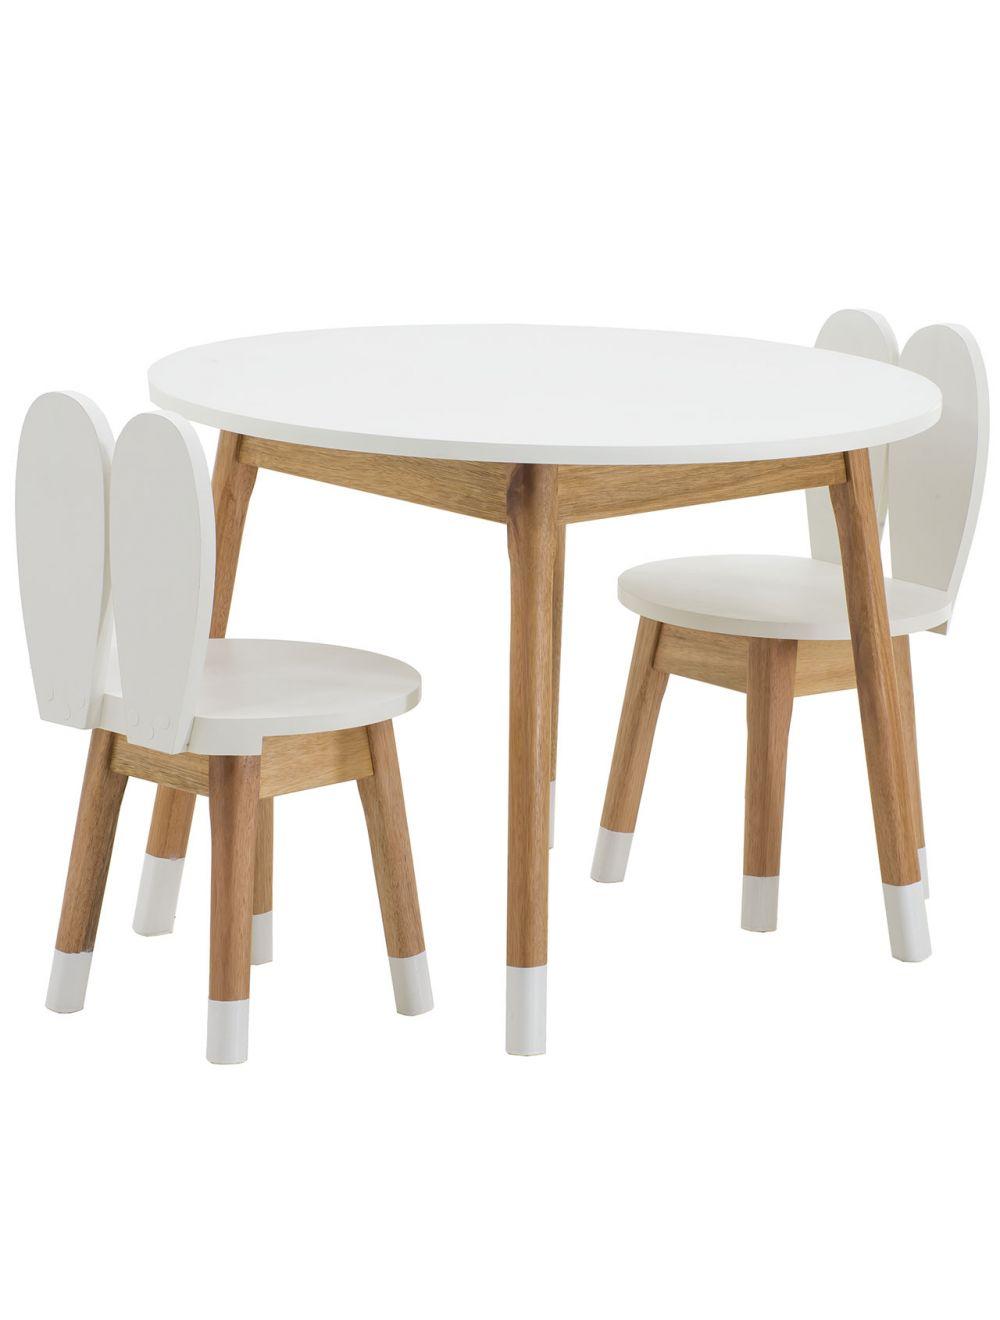 Image of: Conjunto Infantil Mesa Com Duas Cadeiras Coelho